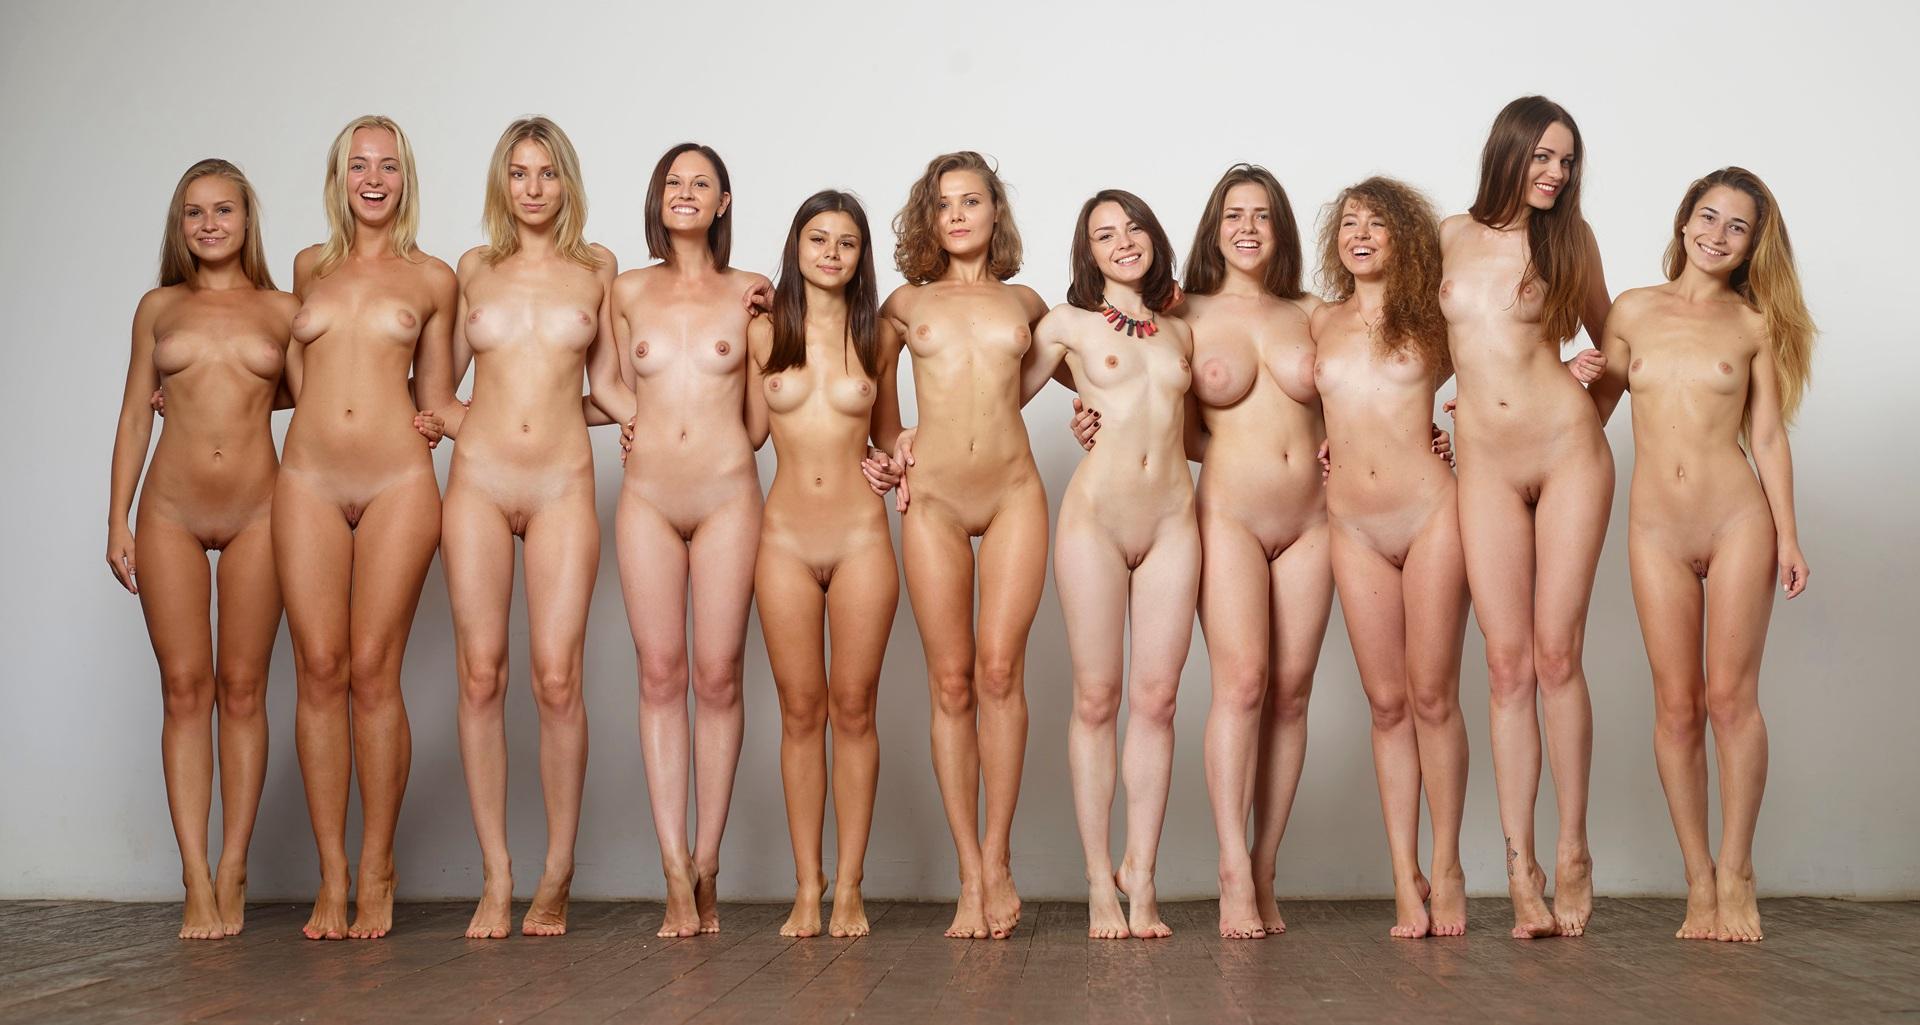 Public nudity fun